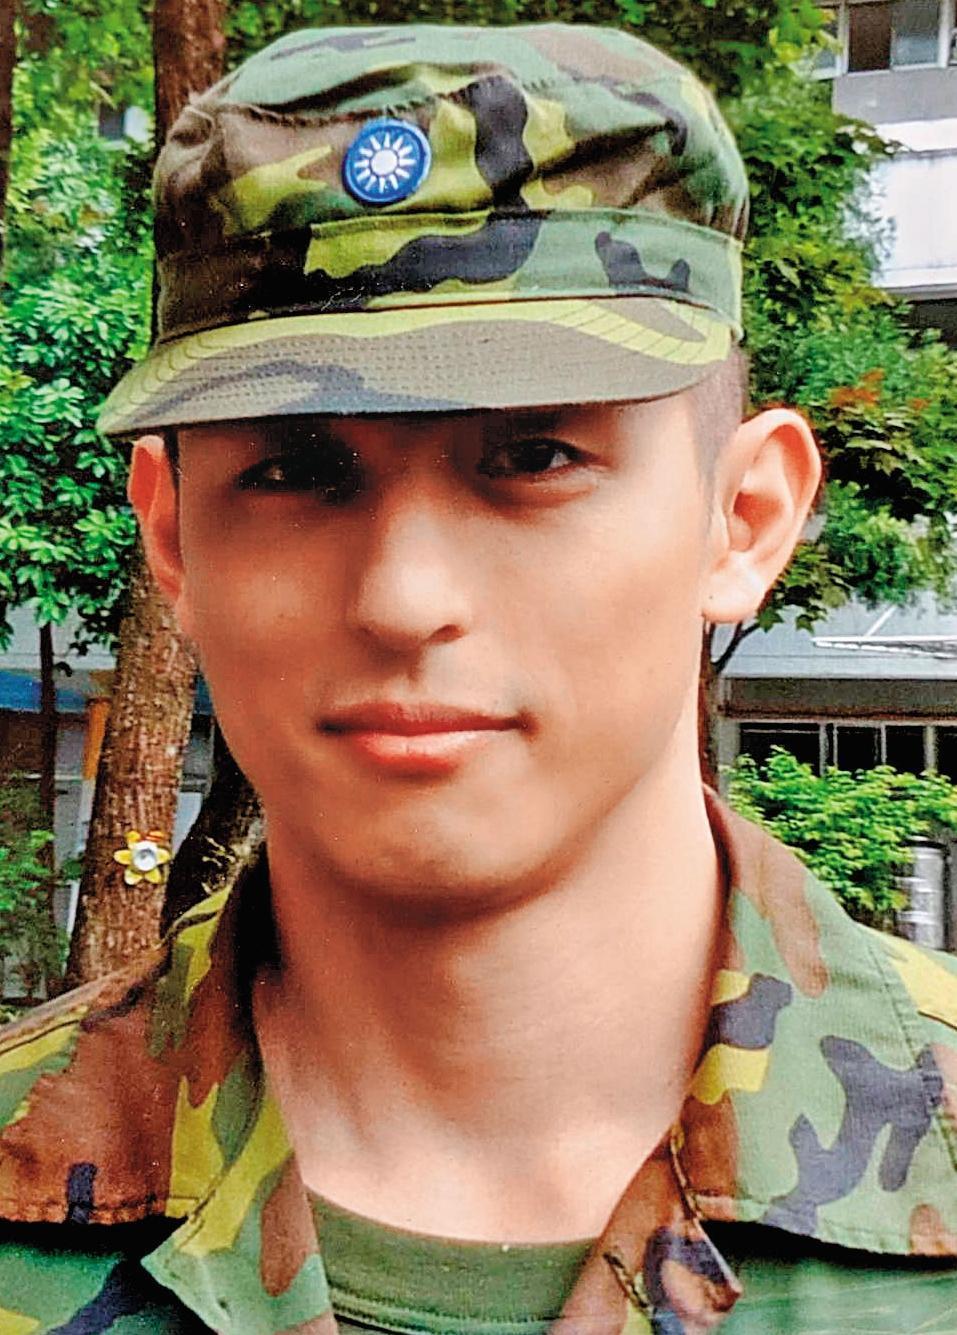 吳怡農沒當替代役,加入陸軍特戰部隊,他認為兵役是國防,不該變服務企業。(翻攝臉書)